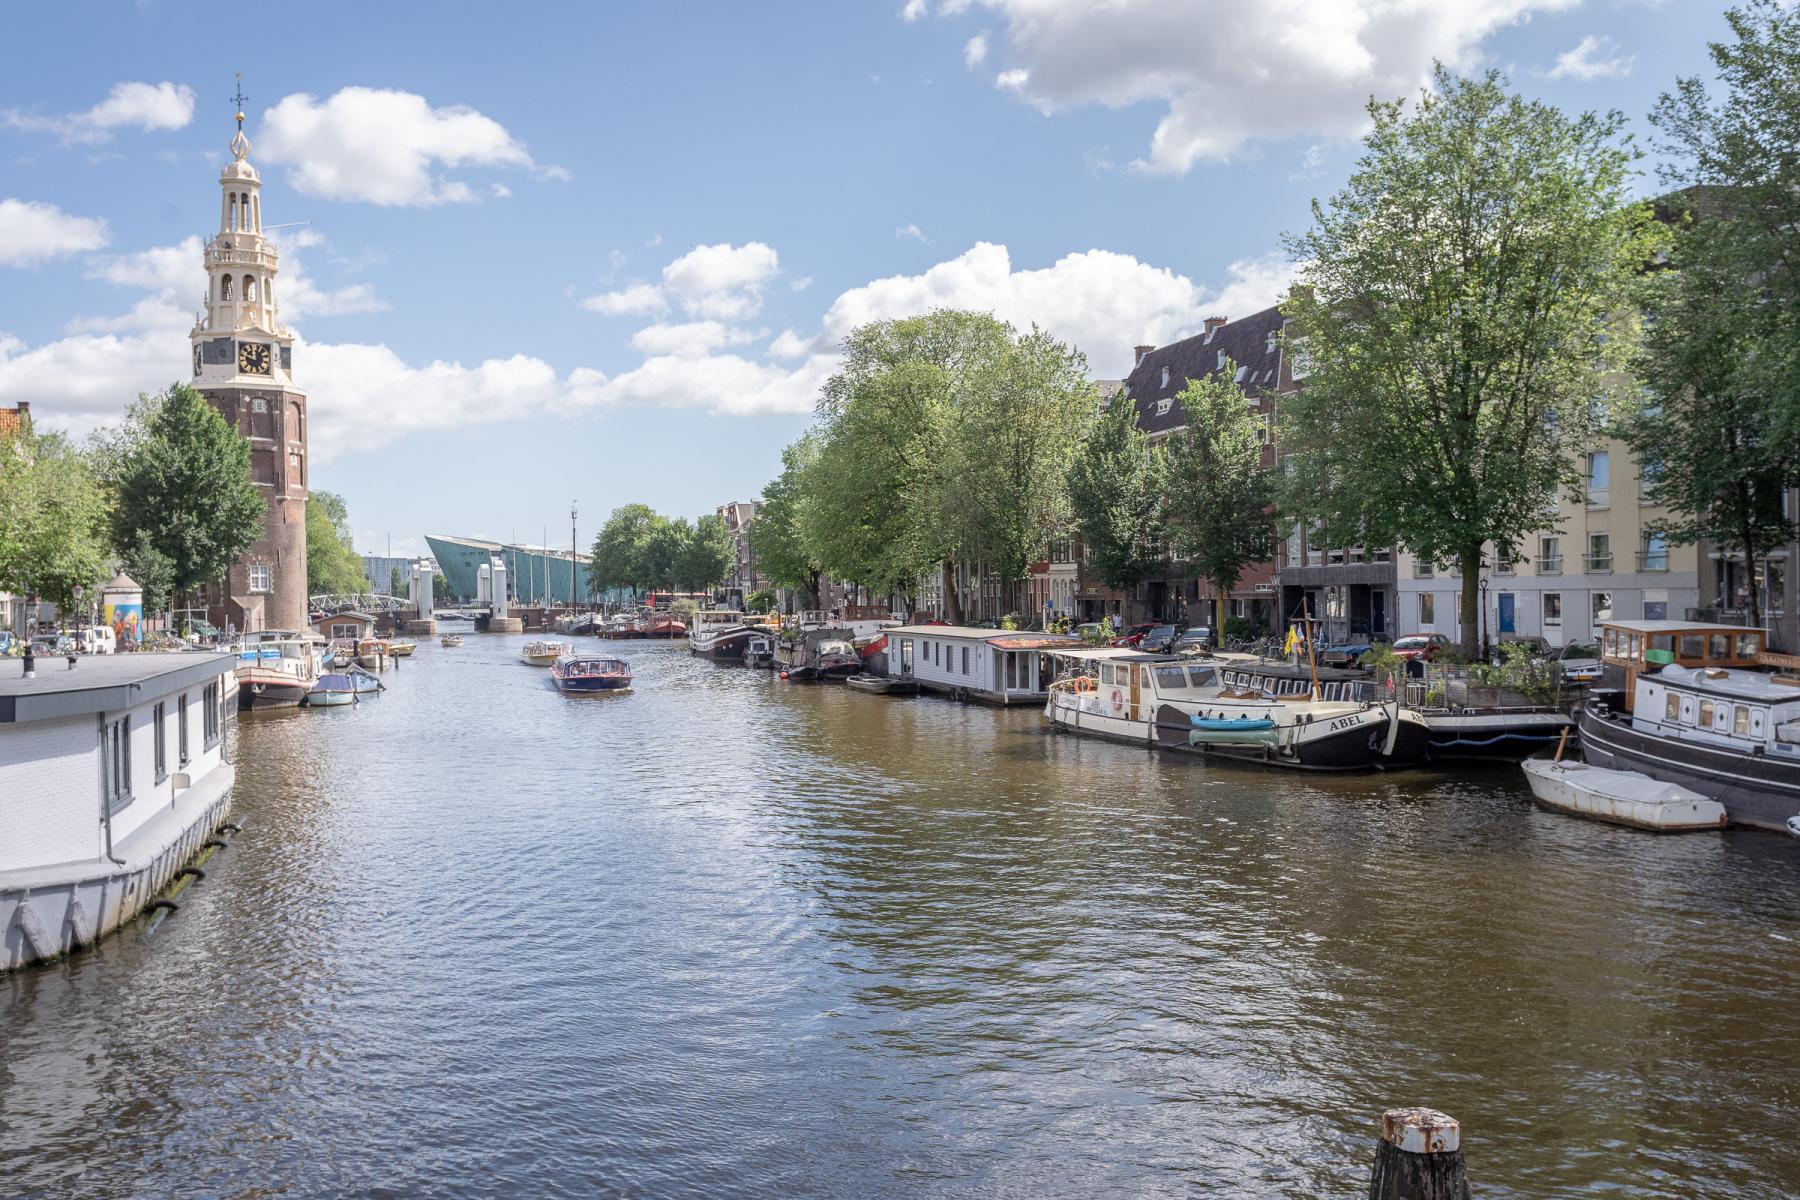 Rent office space Oudeschans 21, Amsterdam (31)